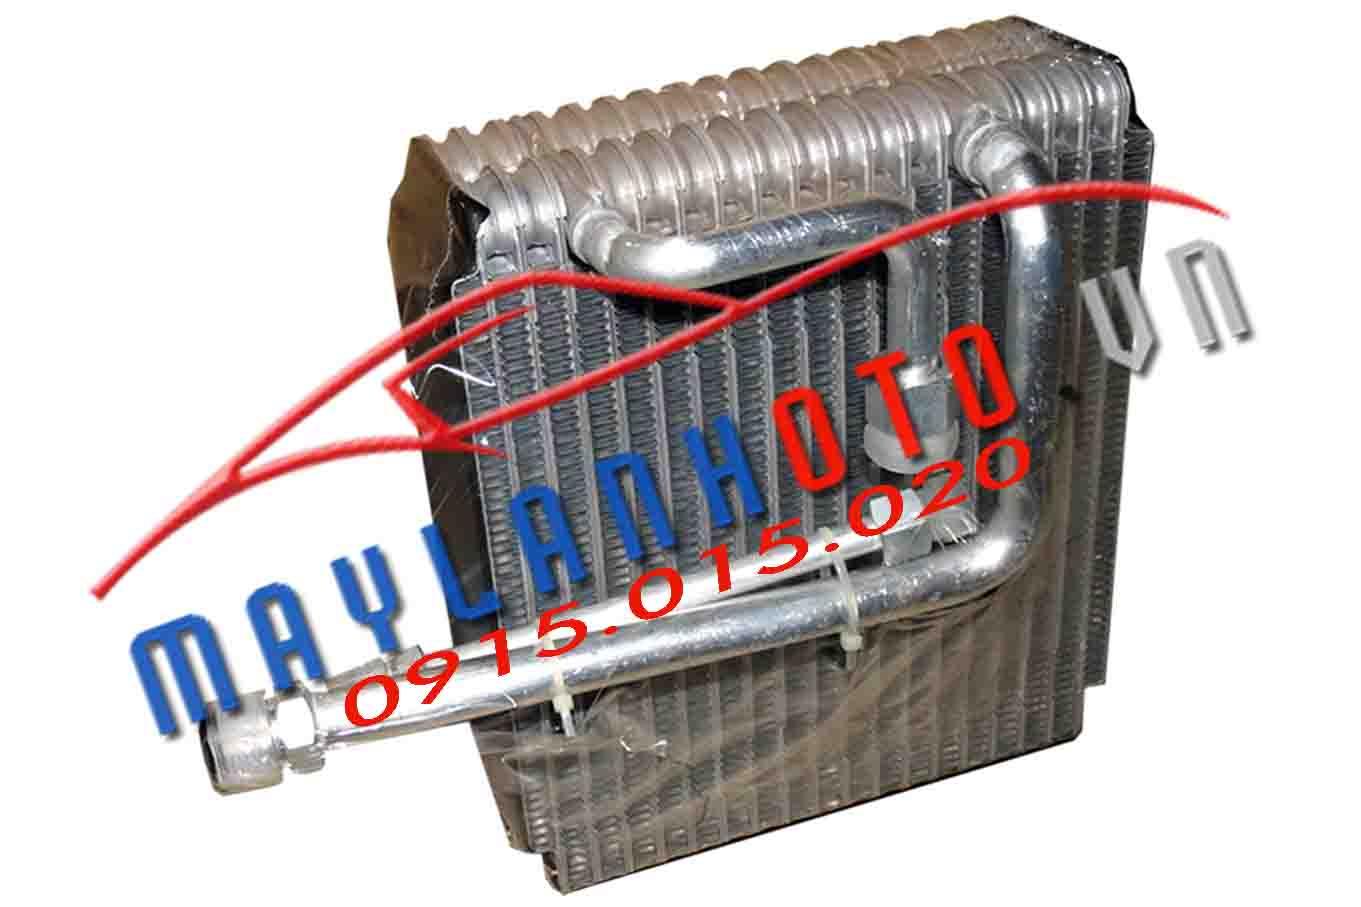 Kia K165 - K2700 - K3000 / Dàn lạnh Kia K165 - K2700 - K3000 / Giàn lạnh Kia K165 - K2700 - K3000